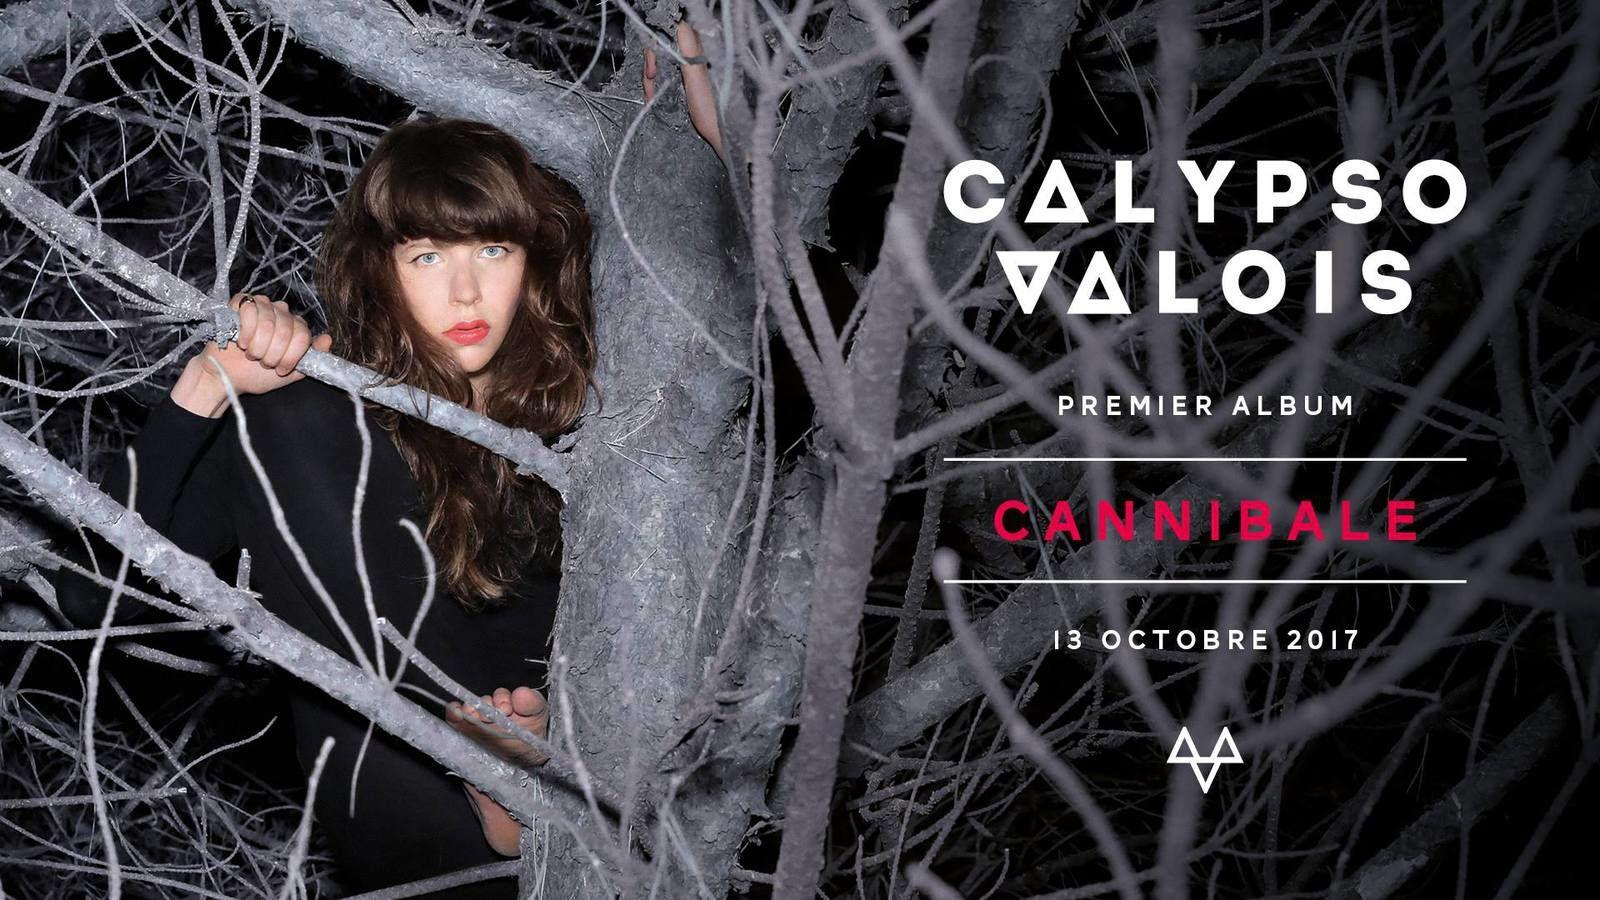 Calypso Valois, extrait de l'album Cannibale